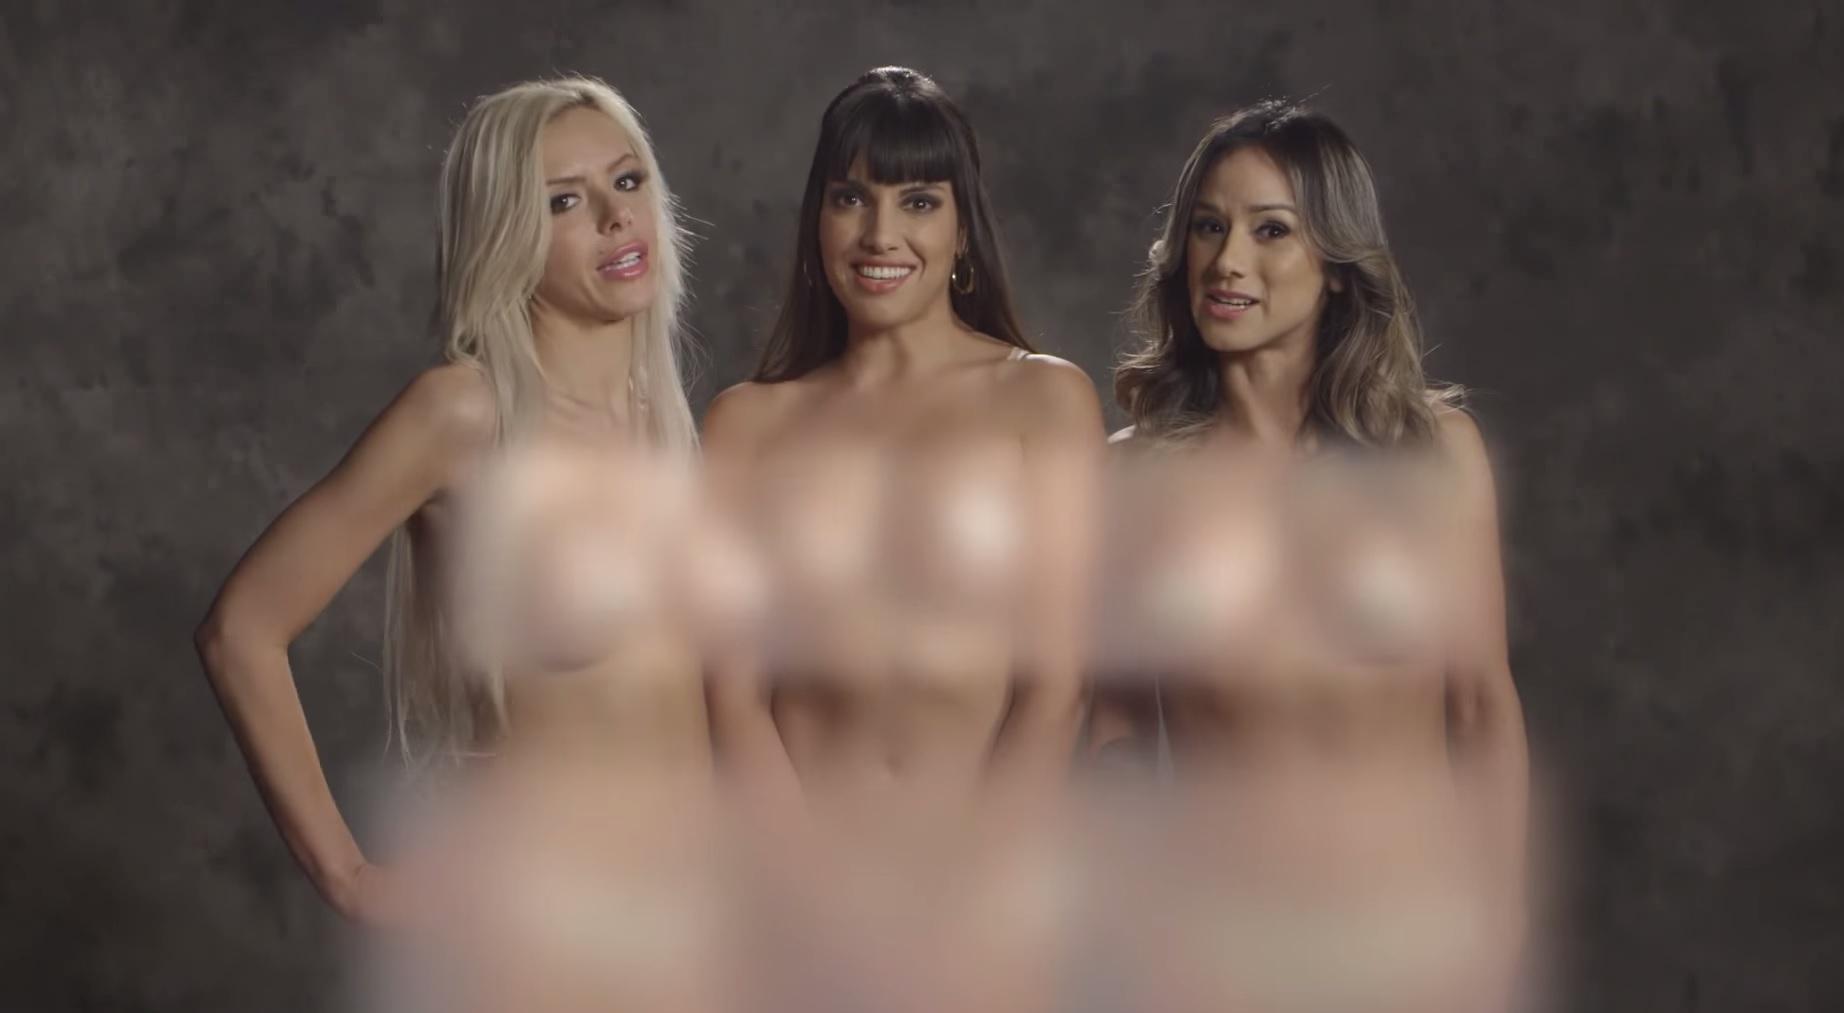 Actrices Porno Concursos las actrices porno odian '50 sombras de grey'   el correo